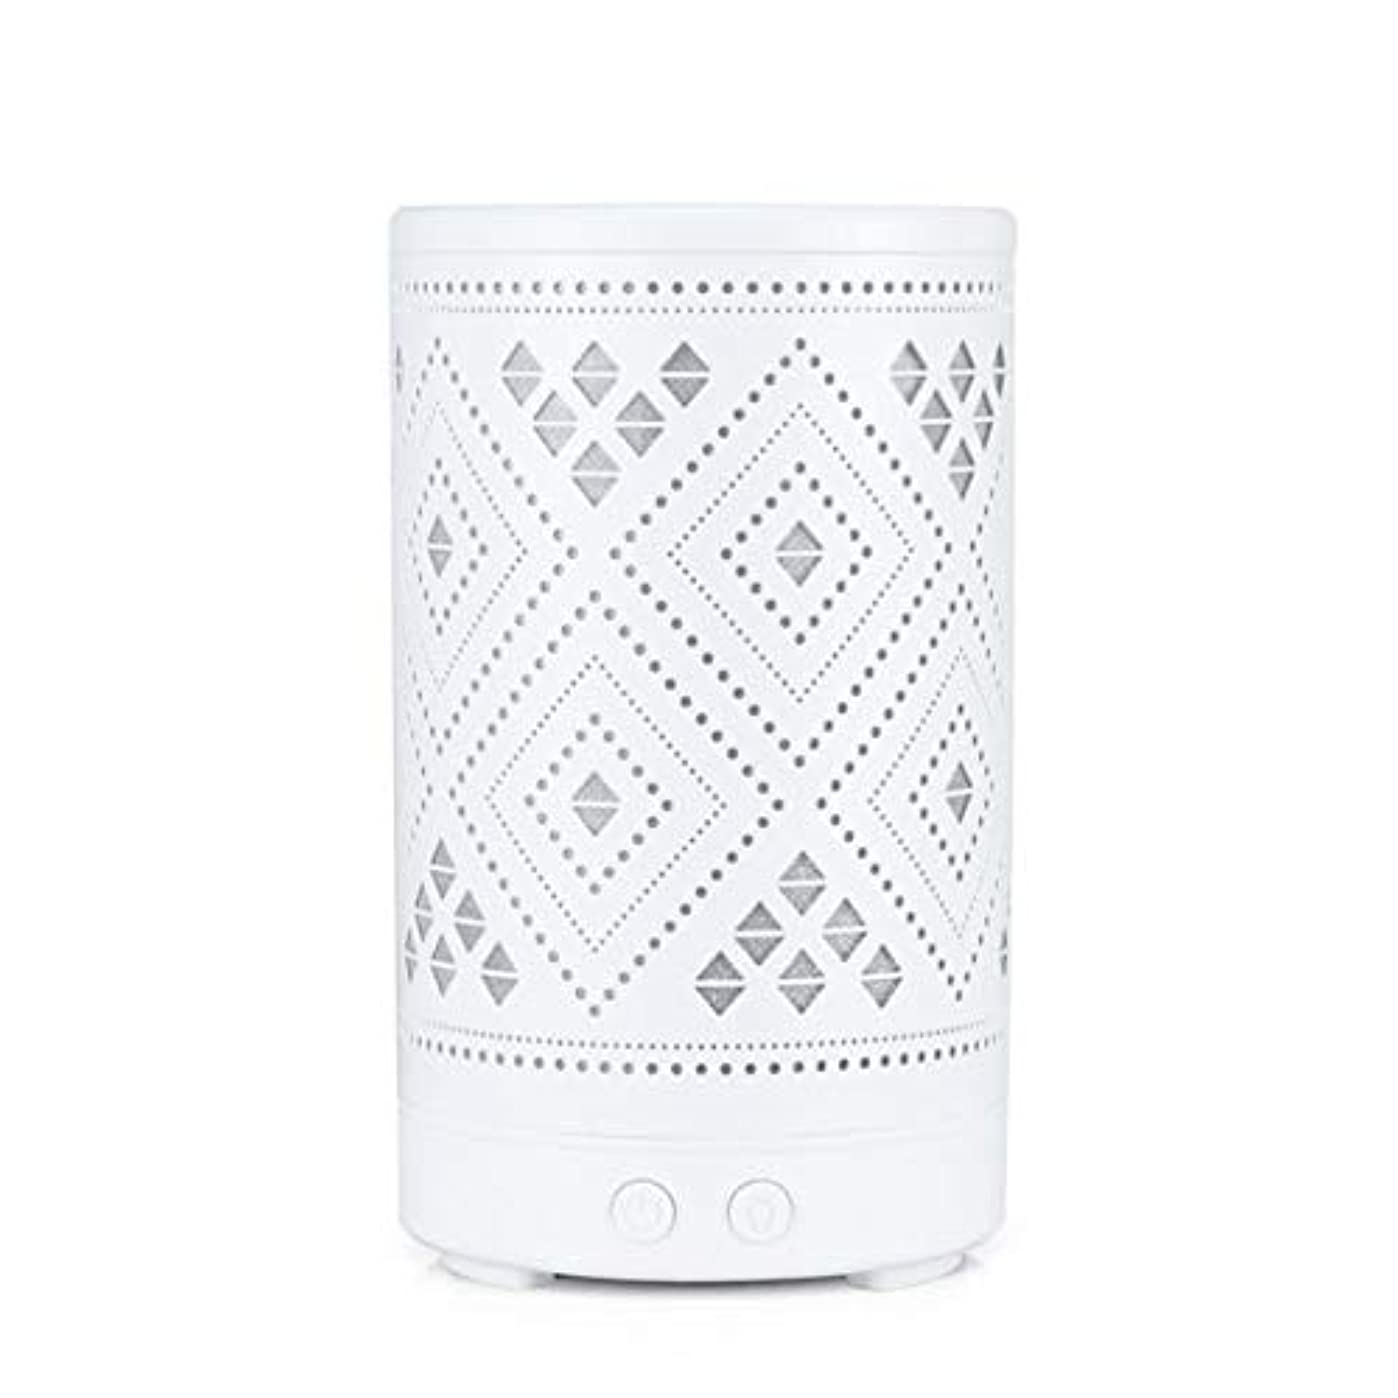 除去帰るスパンクラシック ミニ 中空 加湿器,涼しい霧 7 色 デスクトップ 加湿機 精油 ディフューザー アロマネブライザー Yoga ベッド 寮- 100ml